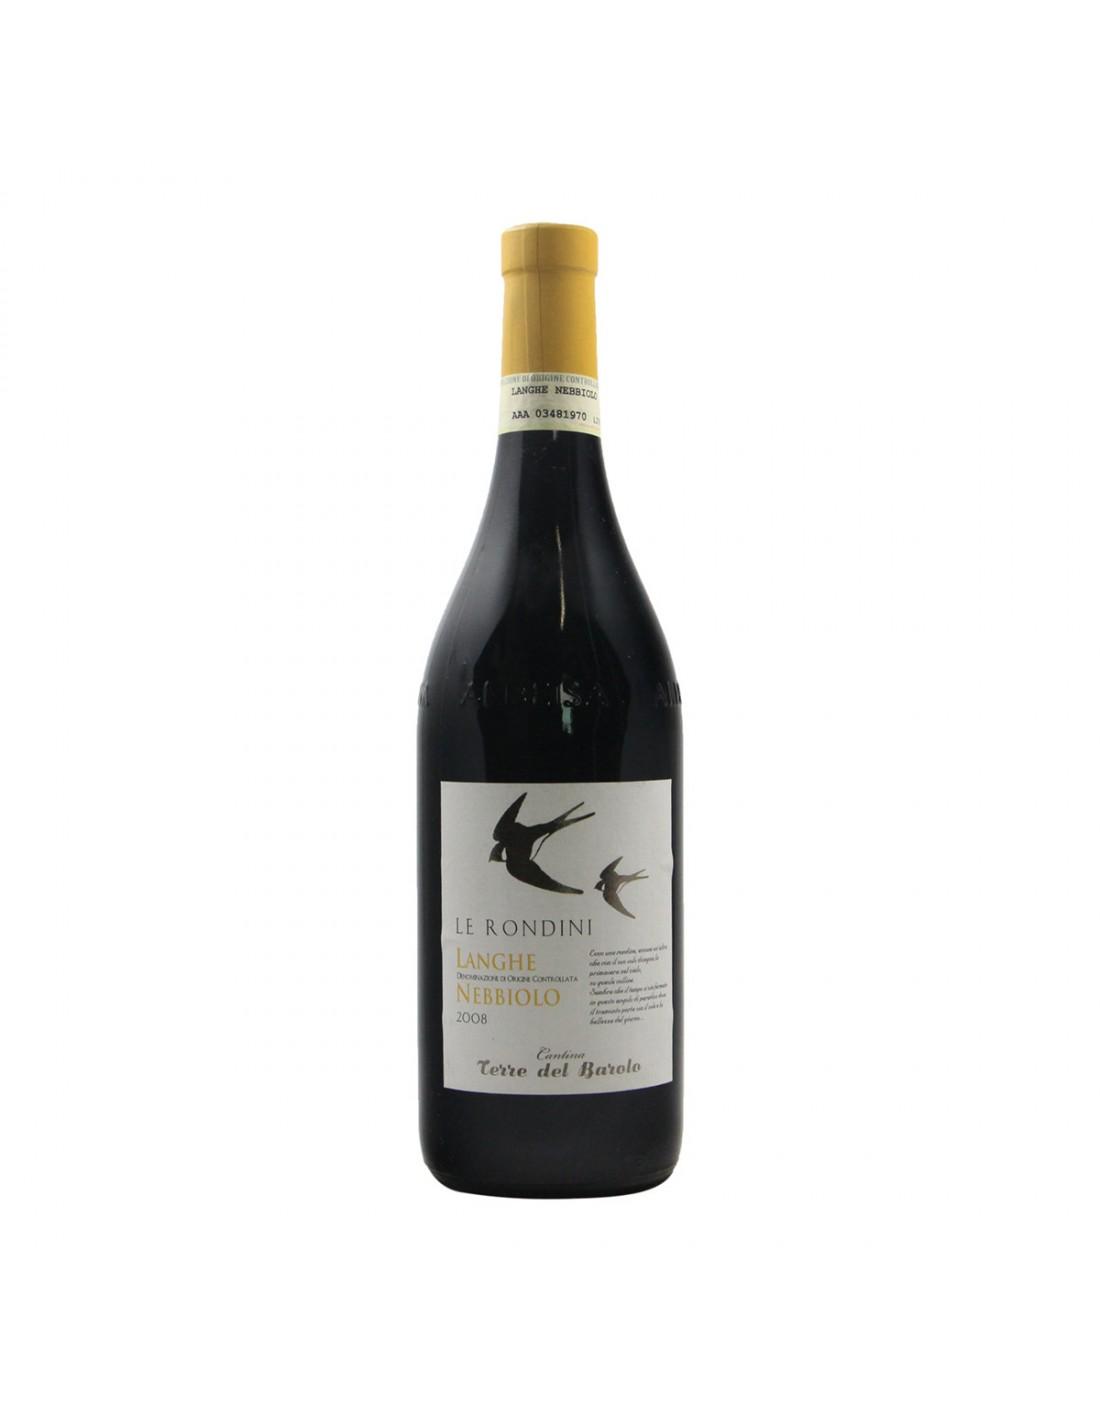 LANGHE NEBBIOLO LE RONDINI 2008 TERRE DEL BAROLO Grandi Bottiglie